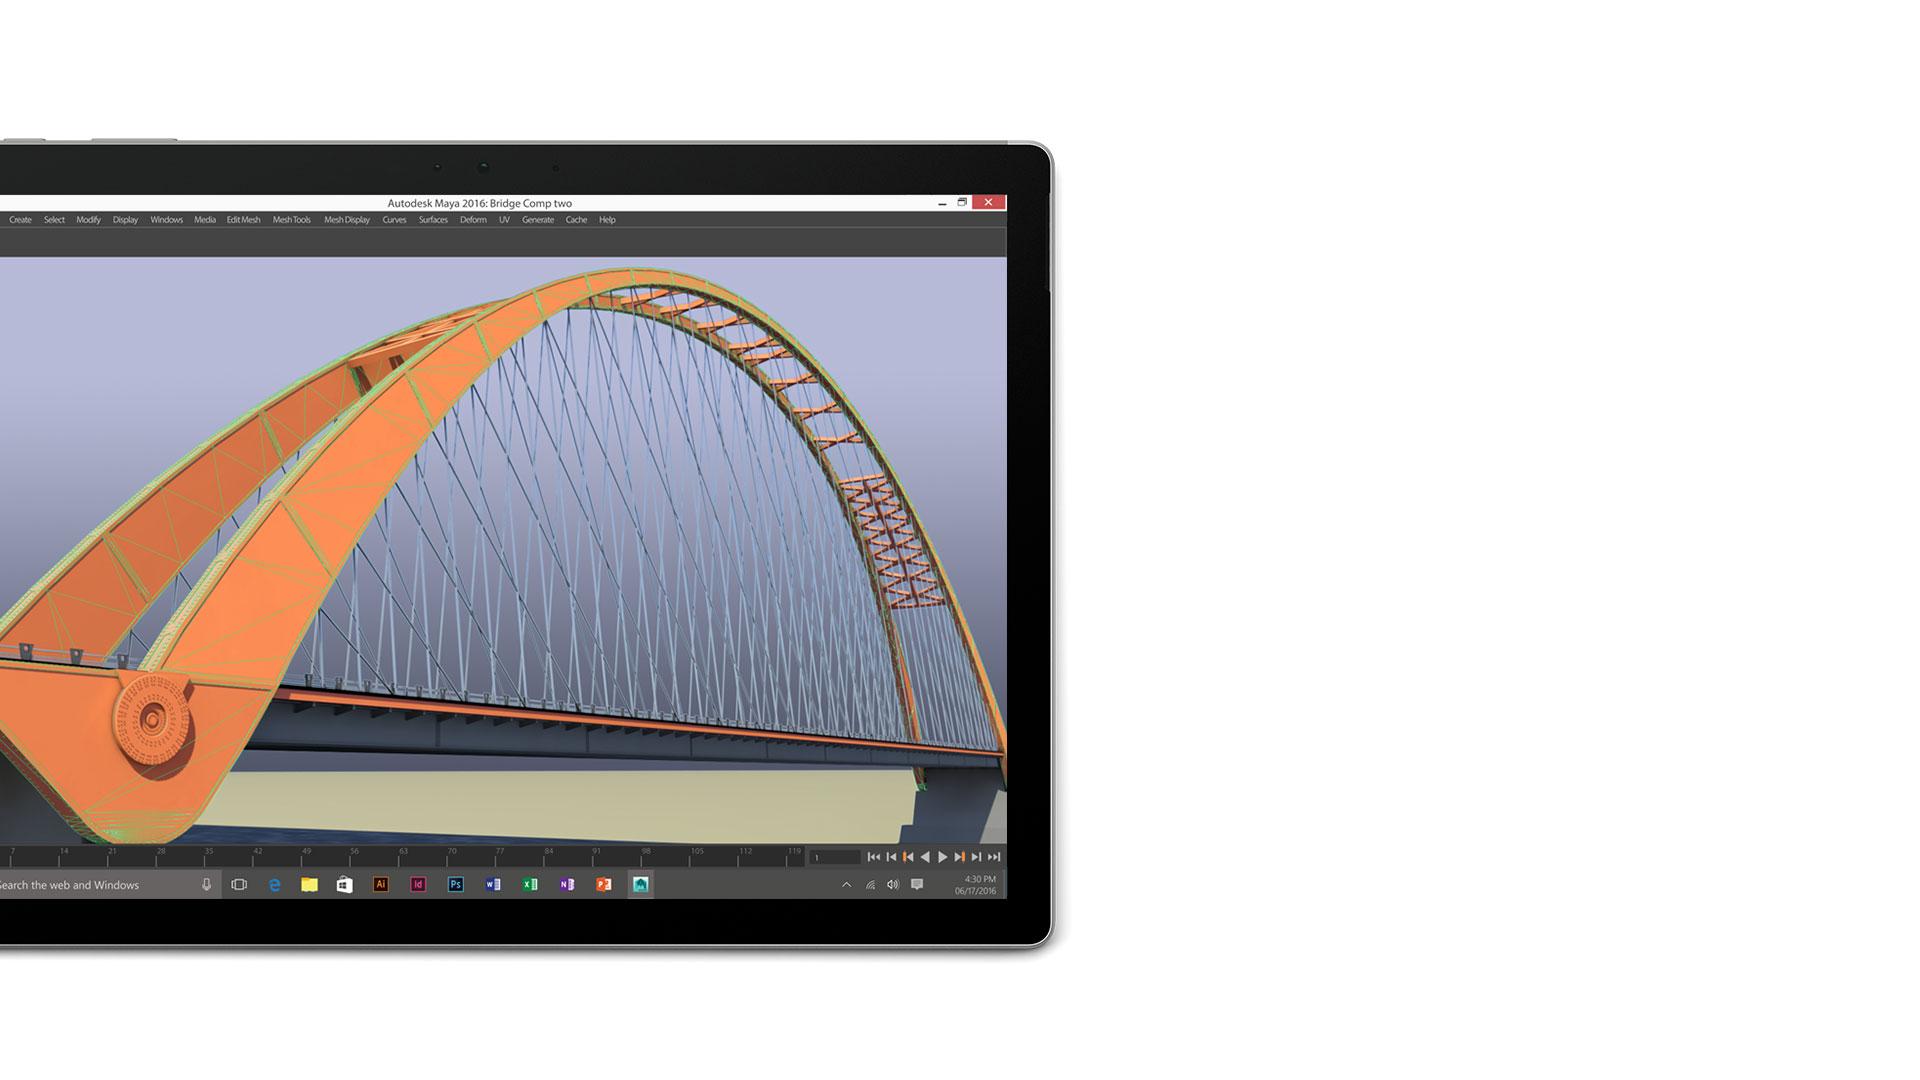 Autodesk Maya 2016 öppet på Surface Book-skärmen